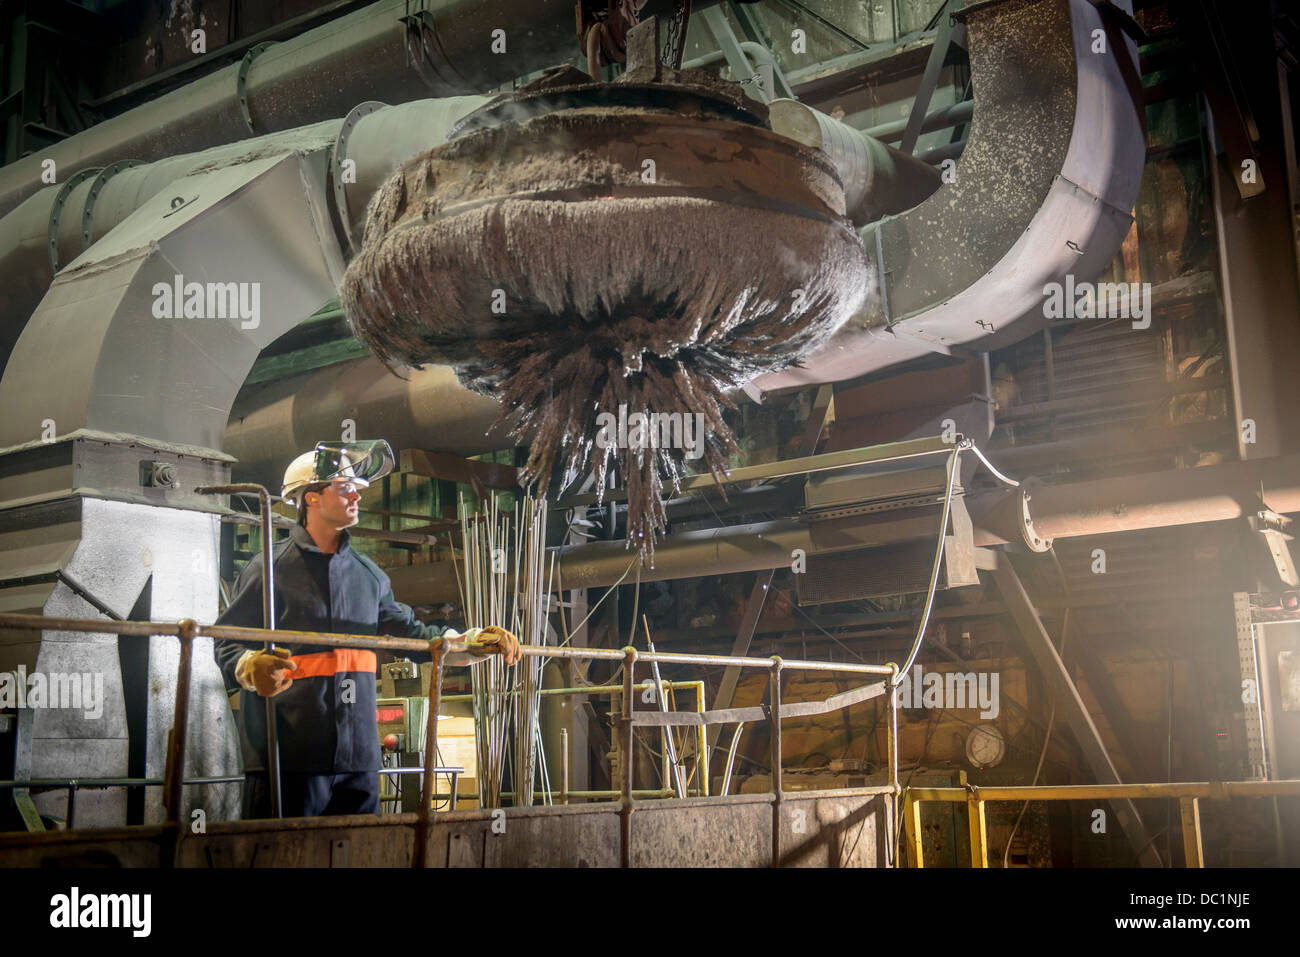 Lavoratore in acciaio industriale di supervisionare il magnete al lavoro nelle fonderie di acciaio Immagini Stock